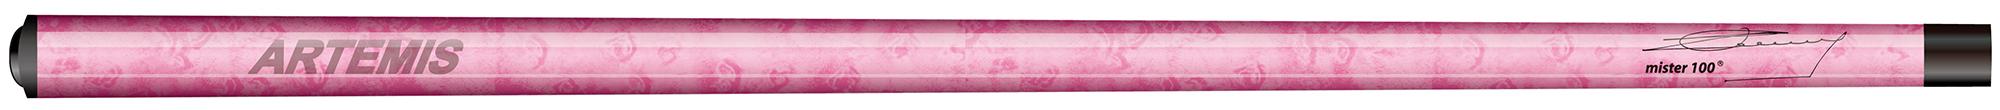 CK0204: Artemis Mister 100® DK-3 Pink  #1